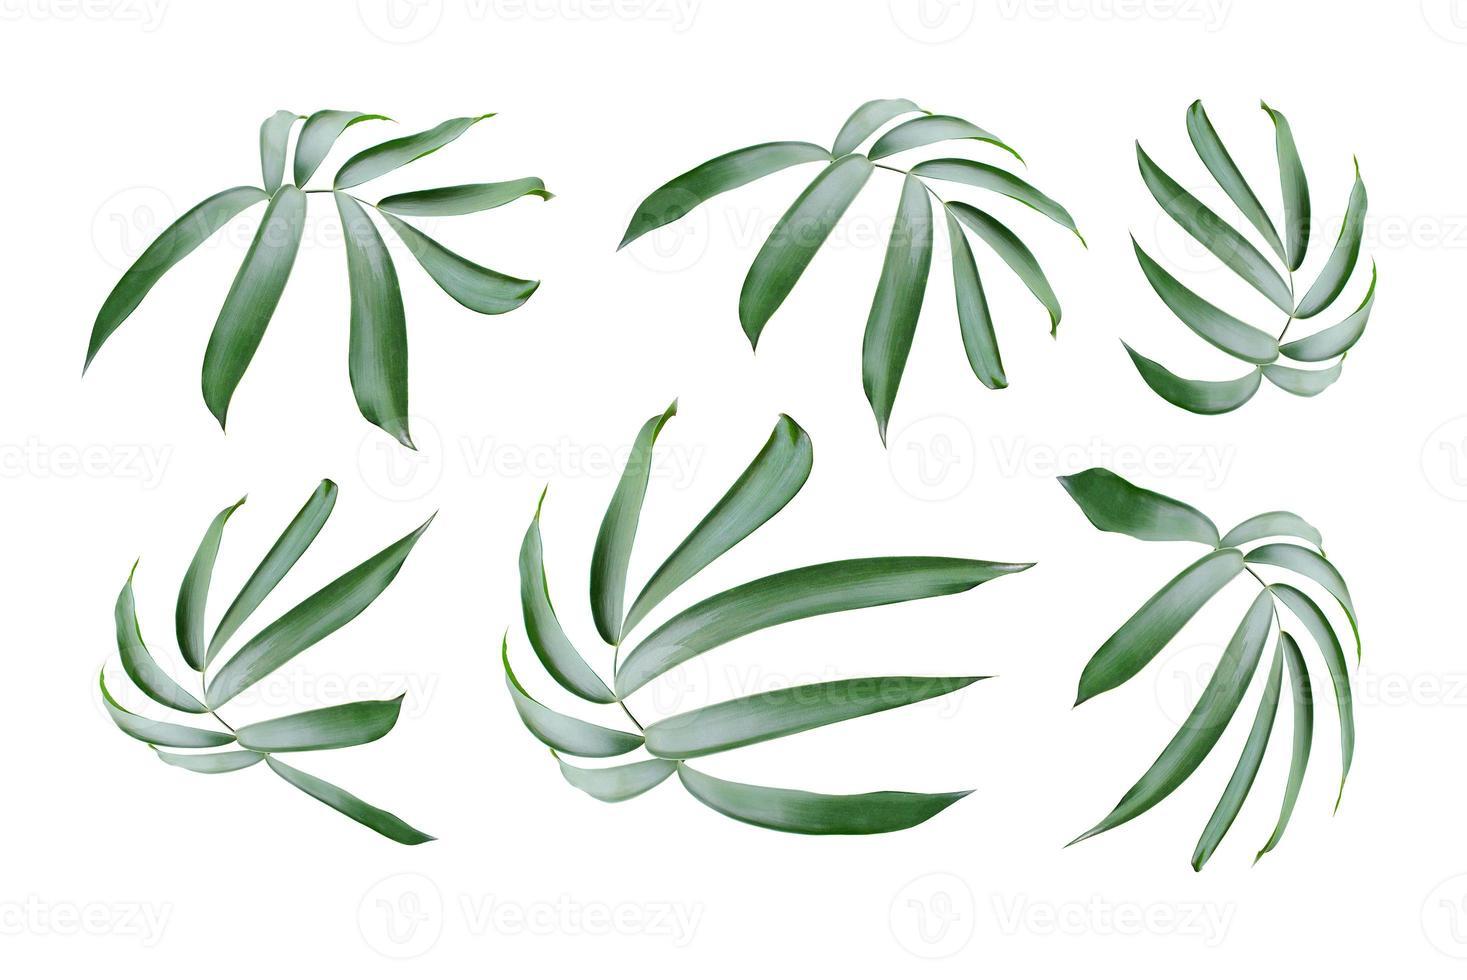 grüne Blätter lokalisiert auf weißem Hintergrund foto